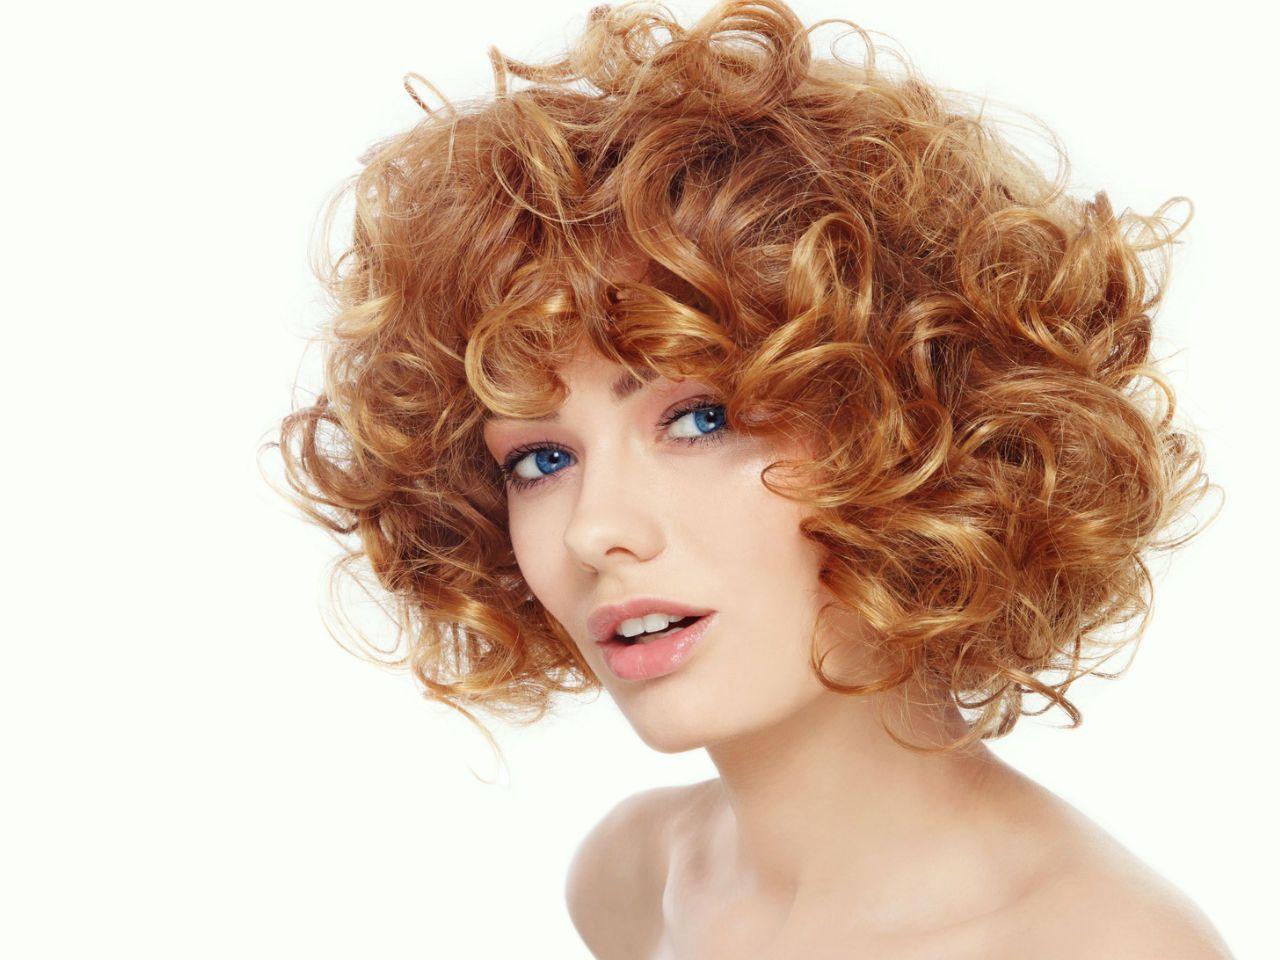 Jak Uczesać Kręcone Włosy Top 5 Sprawdzonych Fryzur